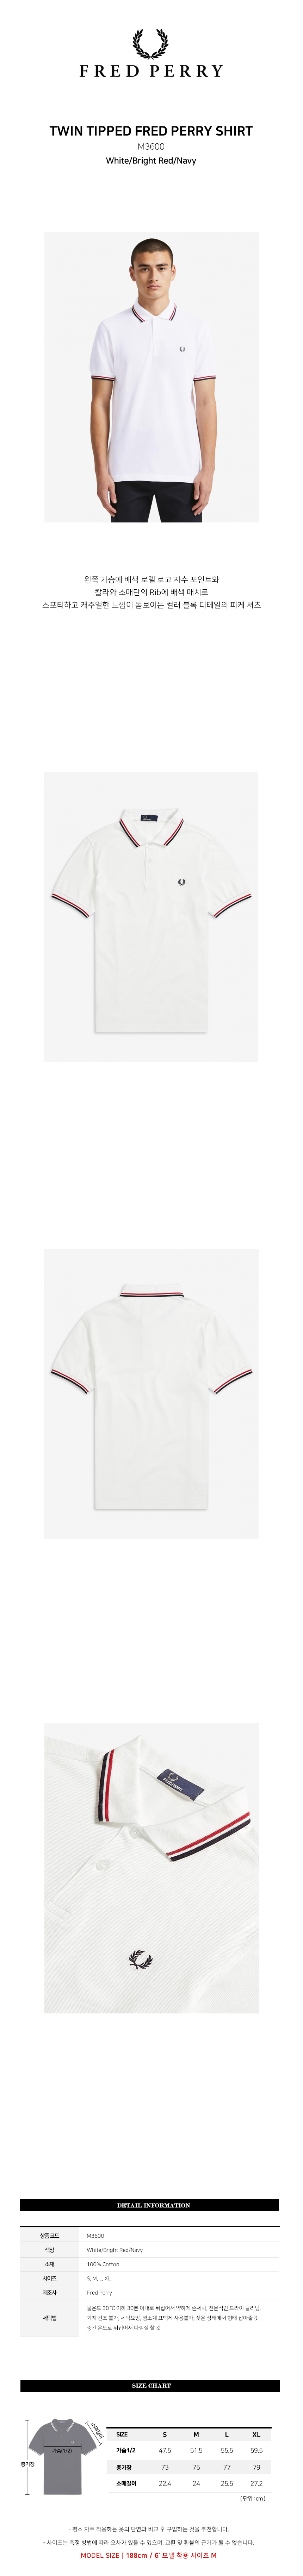 프레드페리(FRED PERRY) 트윈 팁드 반팔 피케 셔츠 WH M3600-748